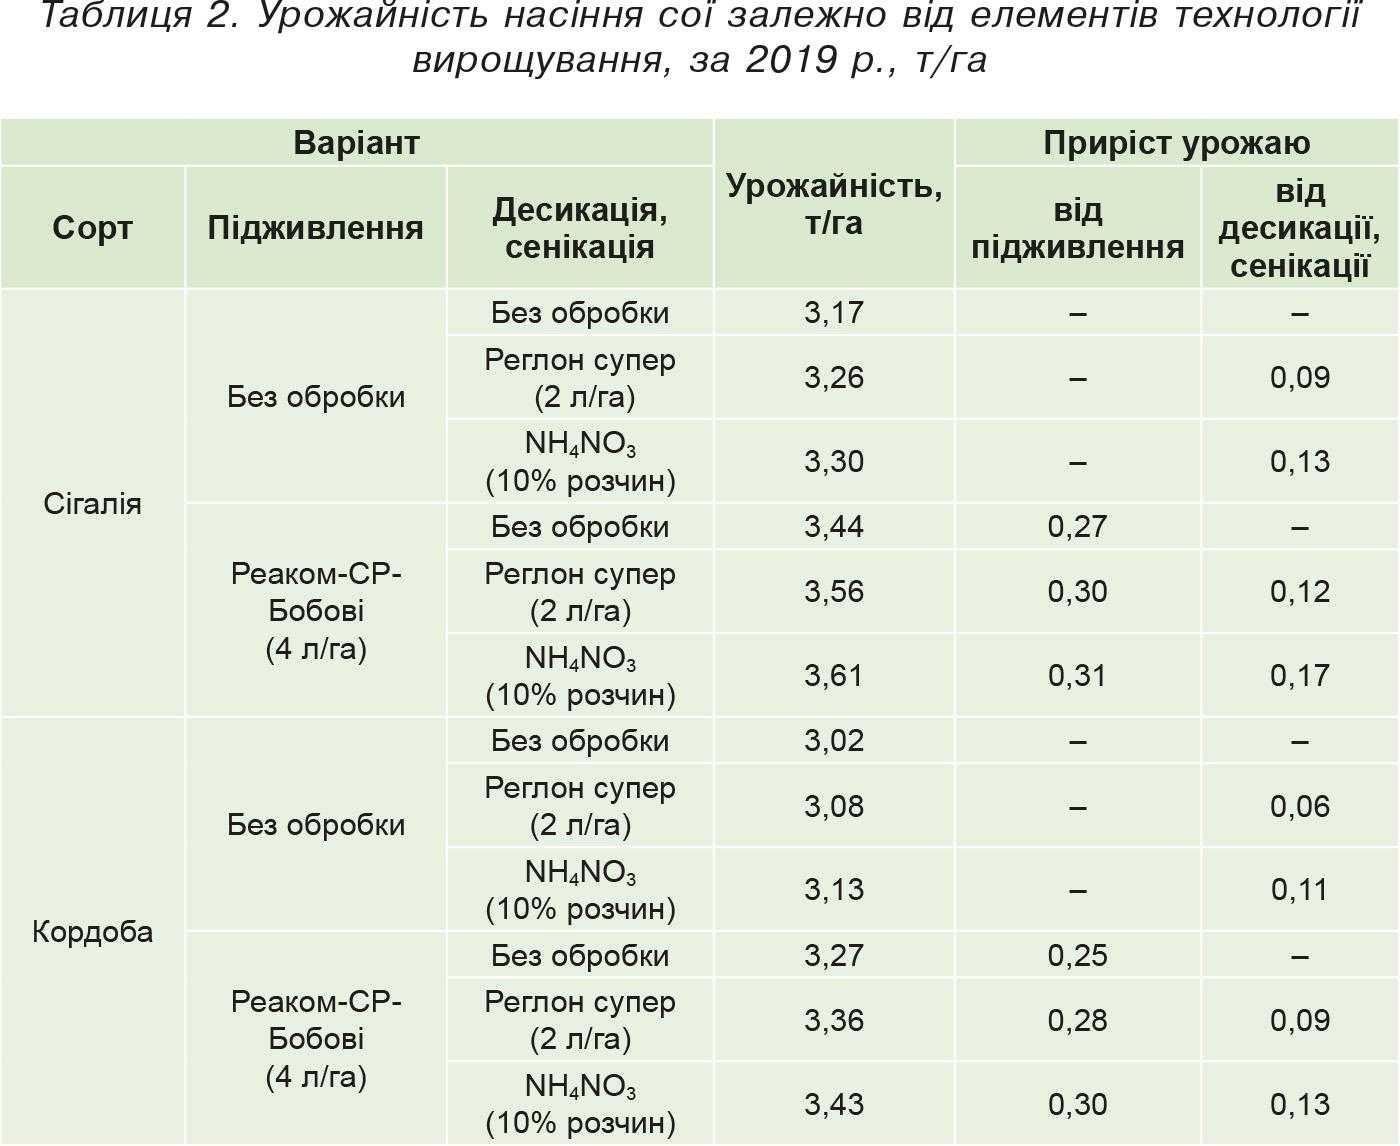 Таблиця 2. Урожайність насіння сої залежно від елементів технології вирощування, за 2019 р., т_га